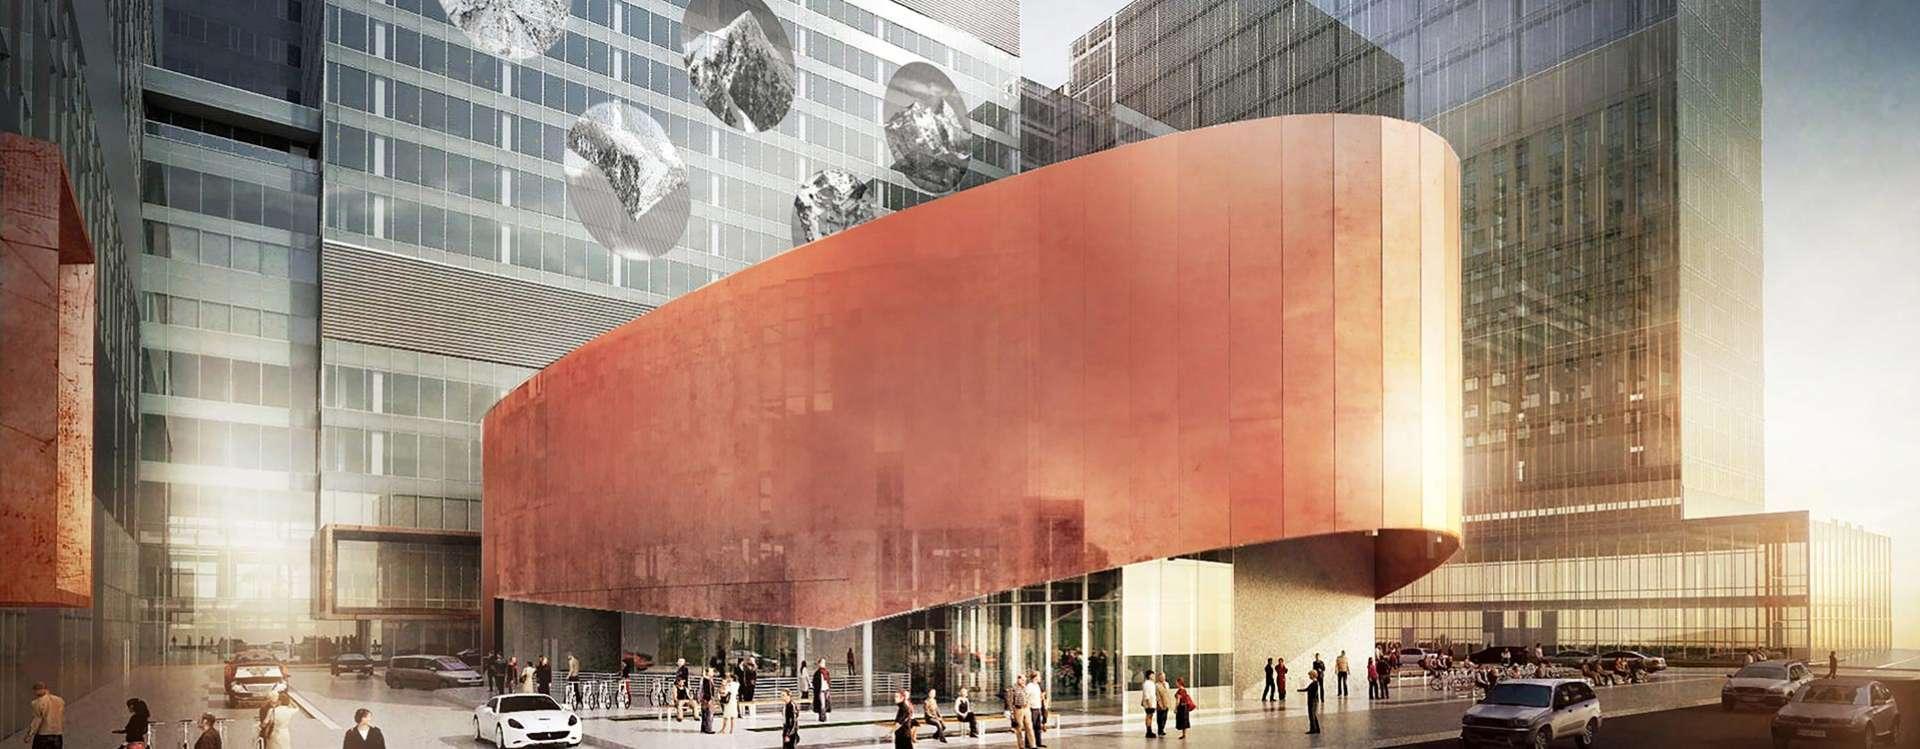 Hôpitaux du futur : architecture et technologies au service du patient